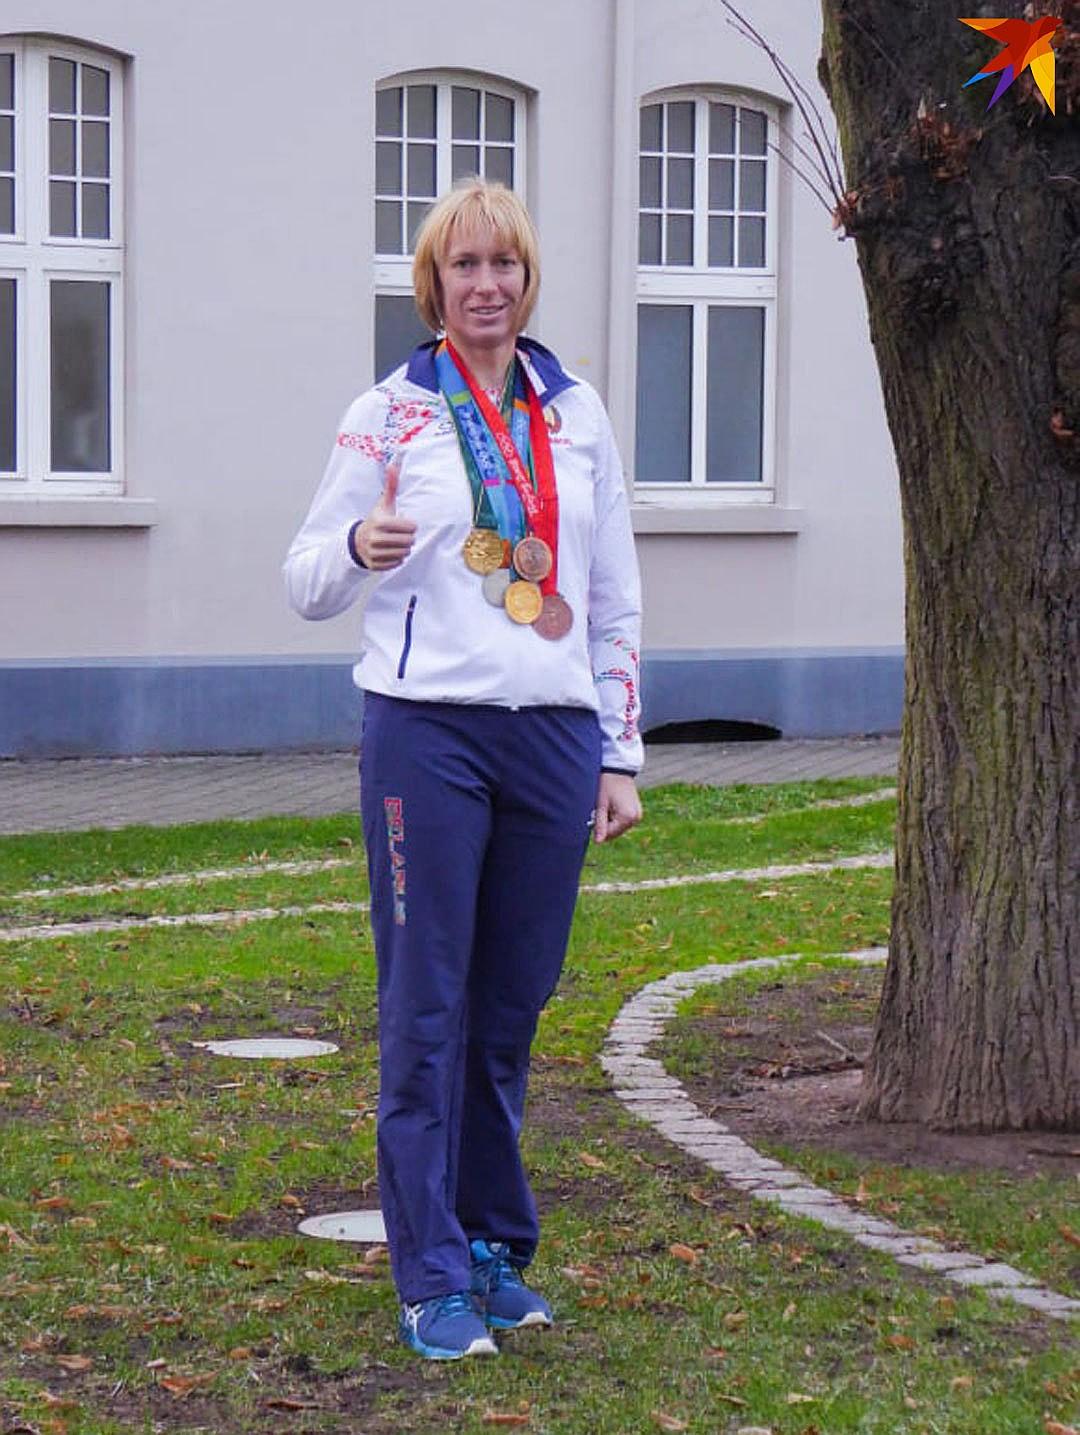 Екатерина Карстен с пятью олимпийскими медалями. Фото: личный архив